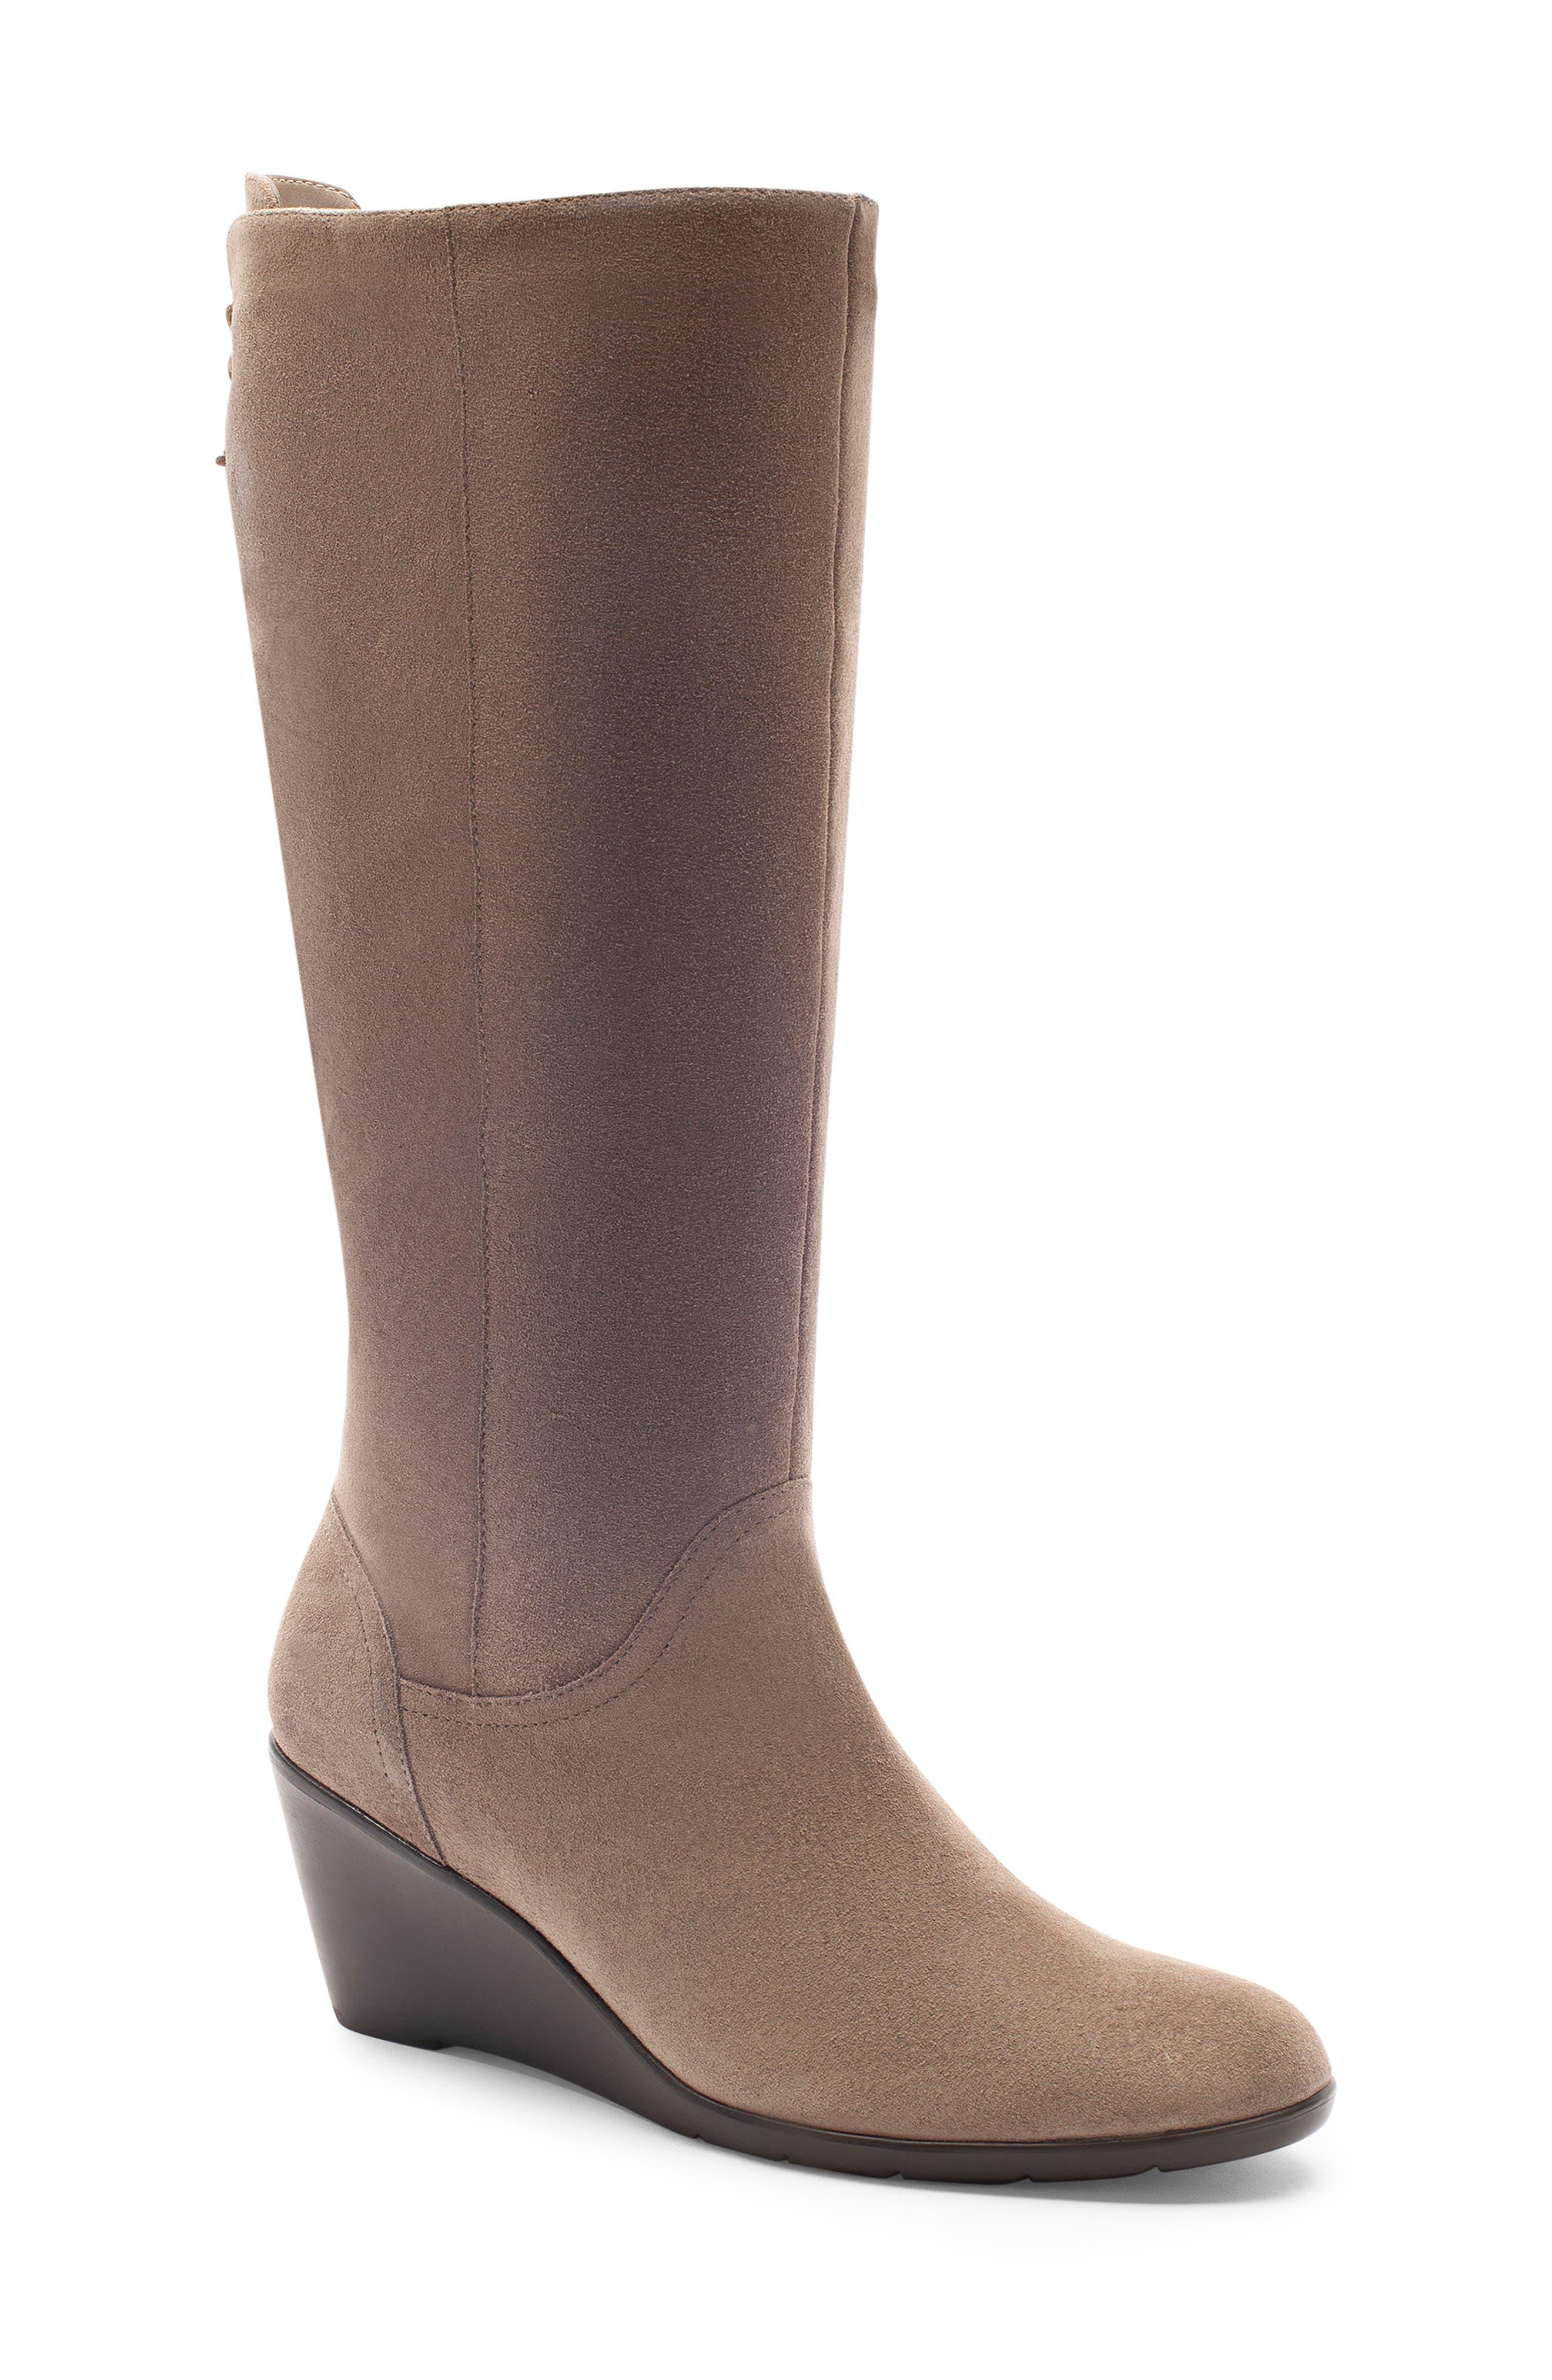 Blondo Larissa Waterproof Wedge Knee High Boot- Grey